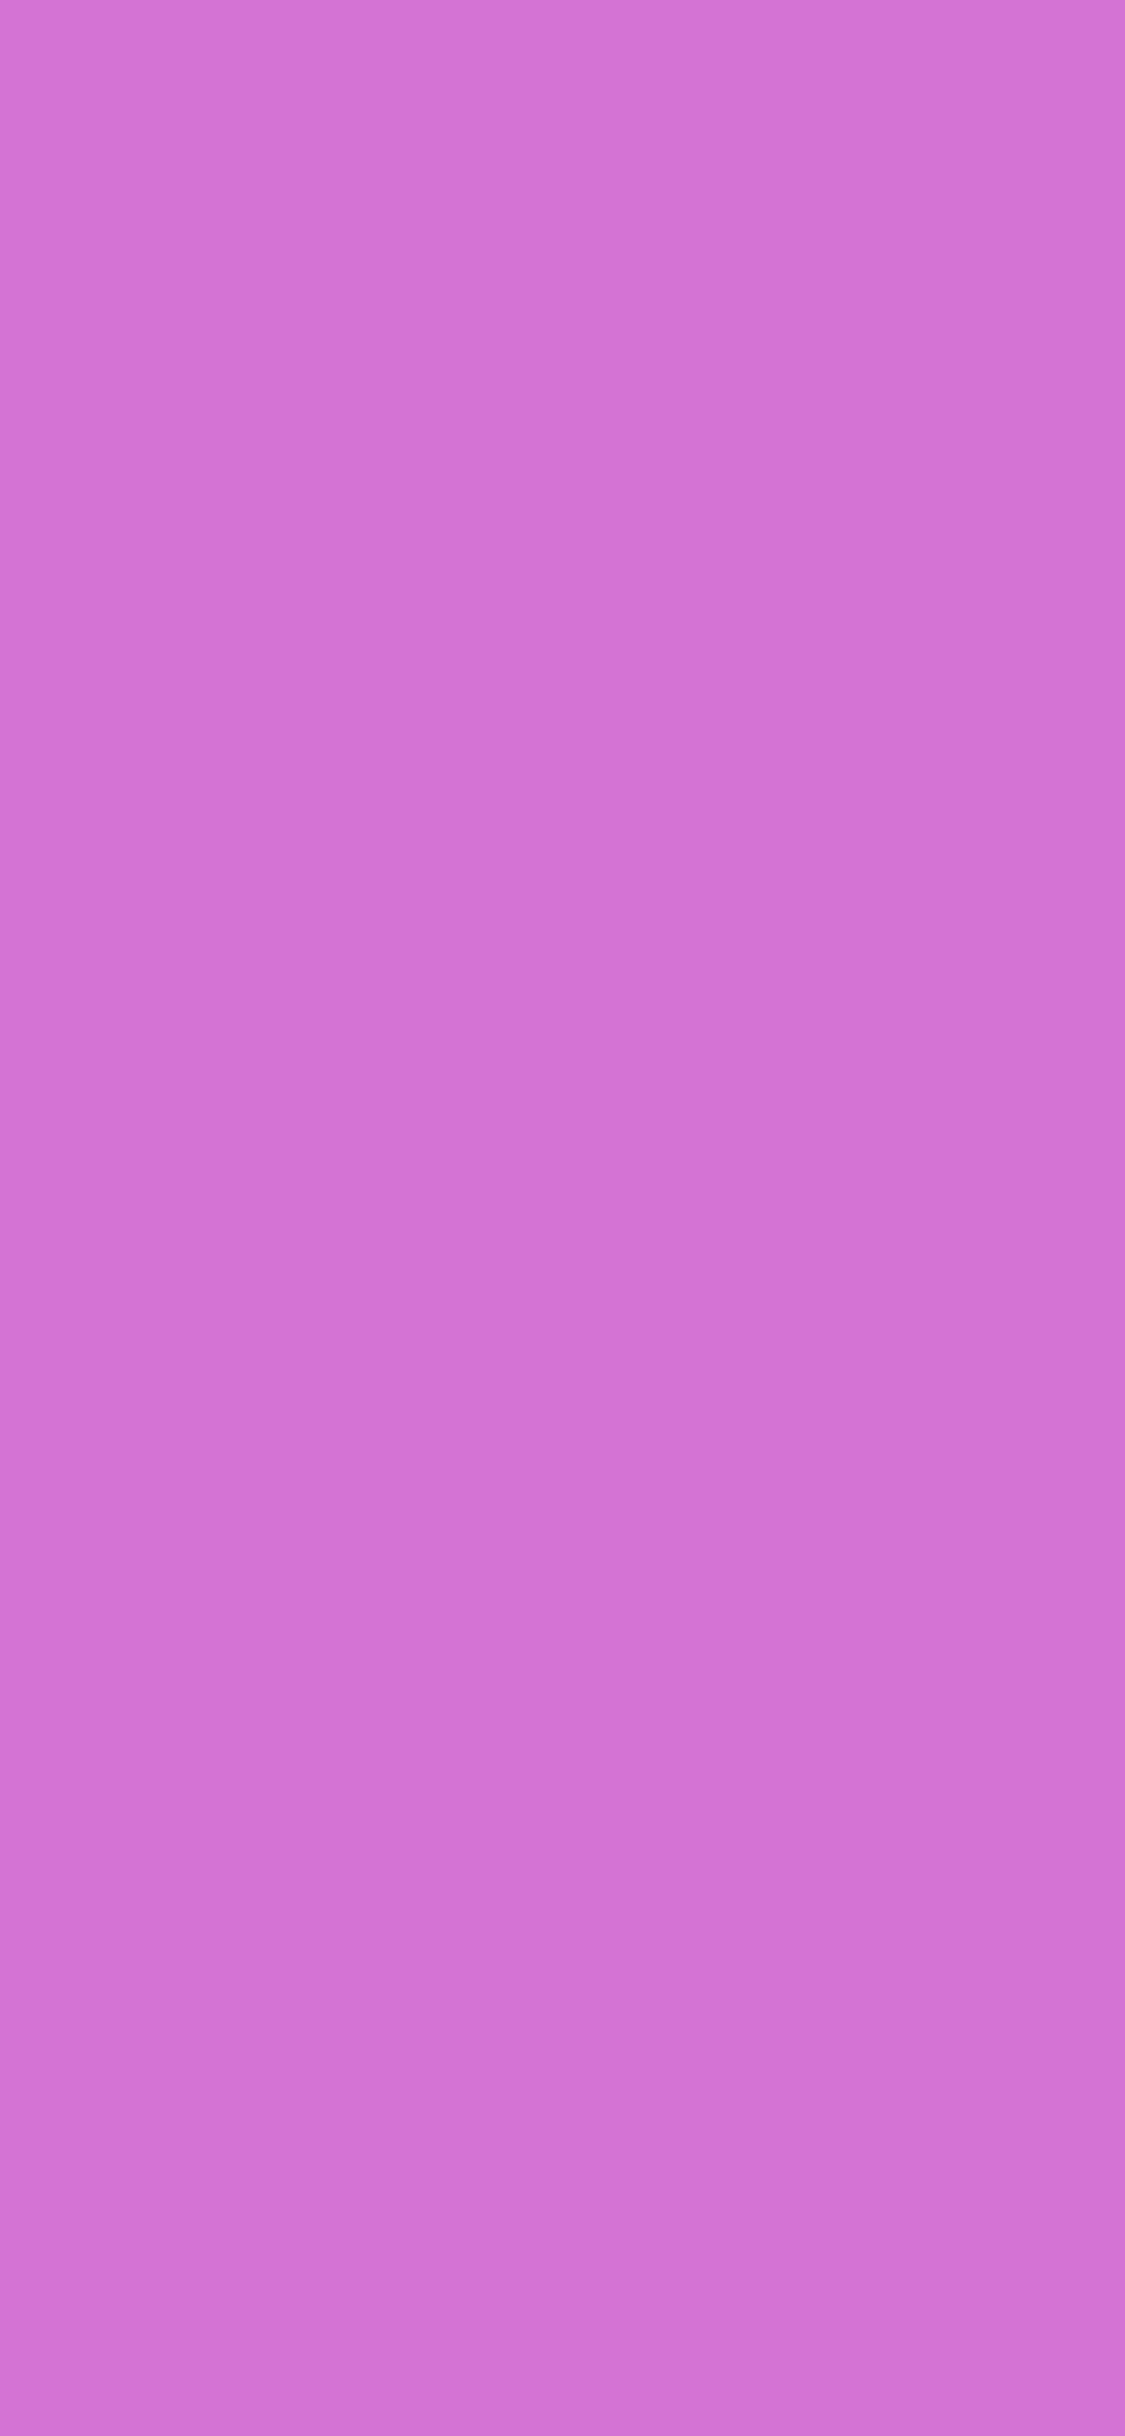 1125x2436 Deep Mauve Solid Color Background